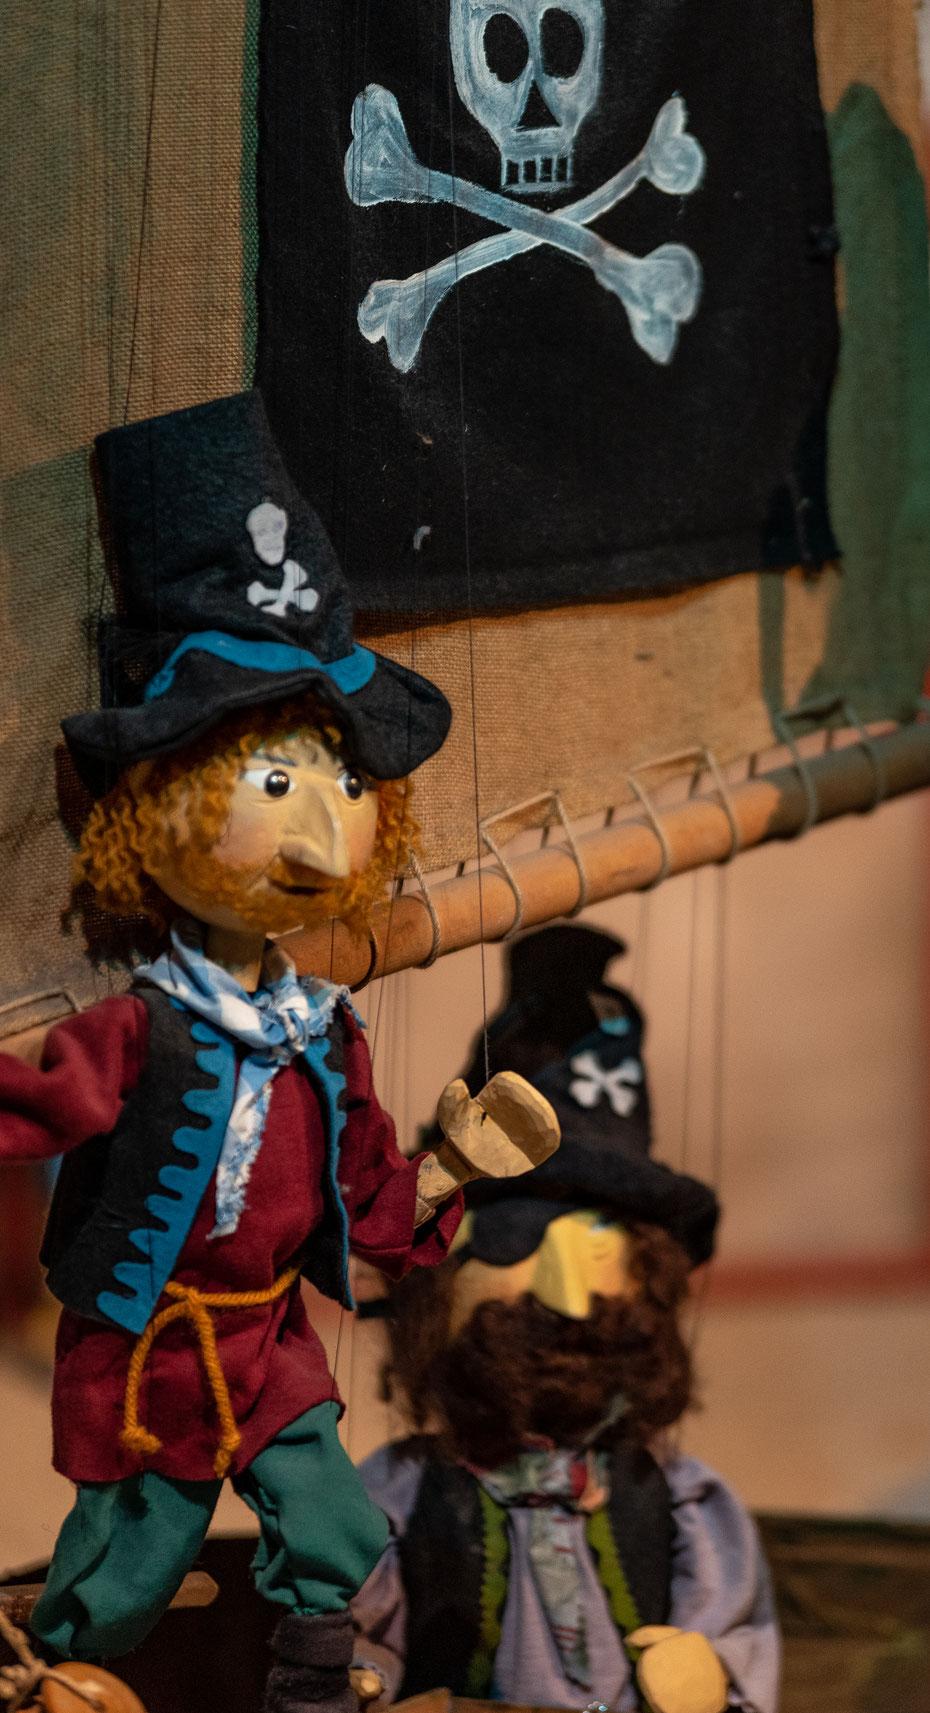 """Die liebenswürdigen Schurken aus """"Jim Knopf und Lukas der Lokomotivführer"""": die wilde 13. Die Piraten segeln über die Weltmeere und entführen Kinder für die Schule von Frau Malzahn in der Krummen Gasse 113."""